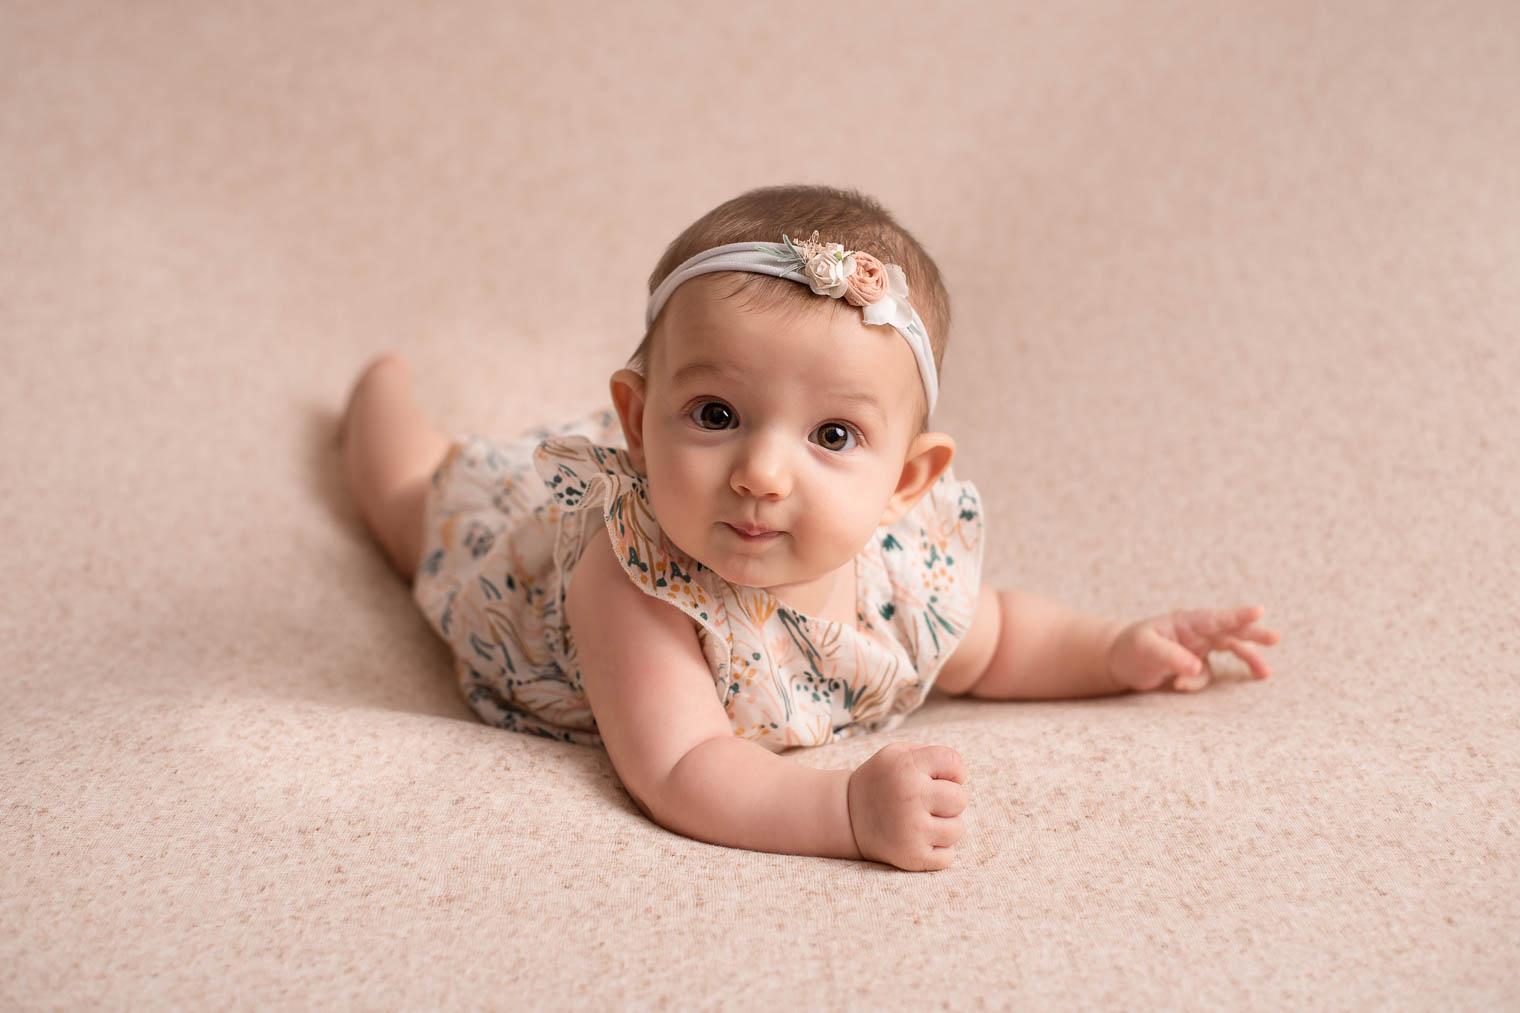 Bébé fille avec une robe à fleurs et un bandeau assorti, allongé sur le ventre sur un tissu beige chiné